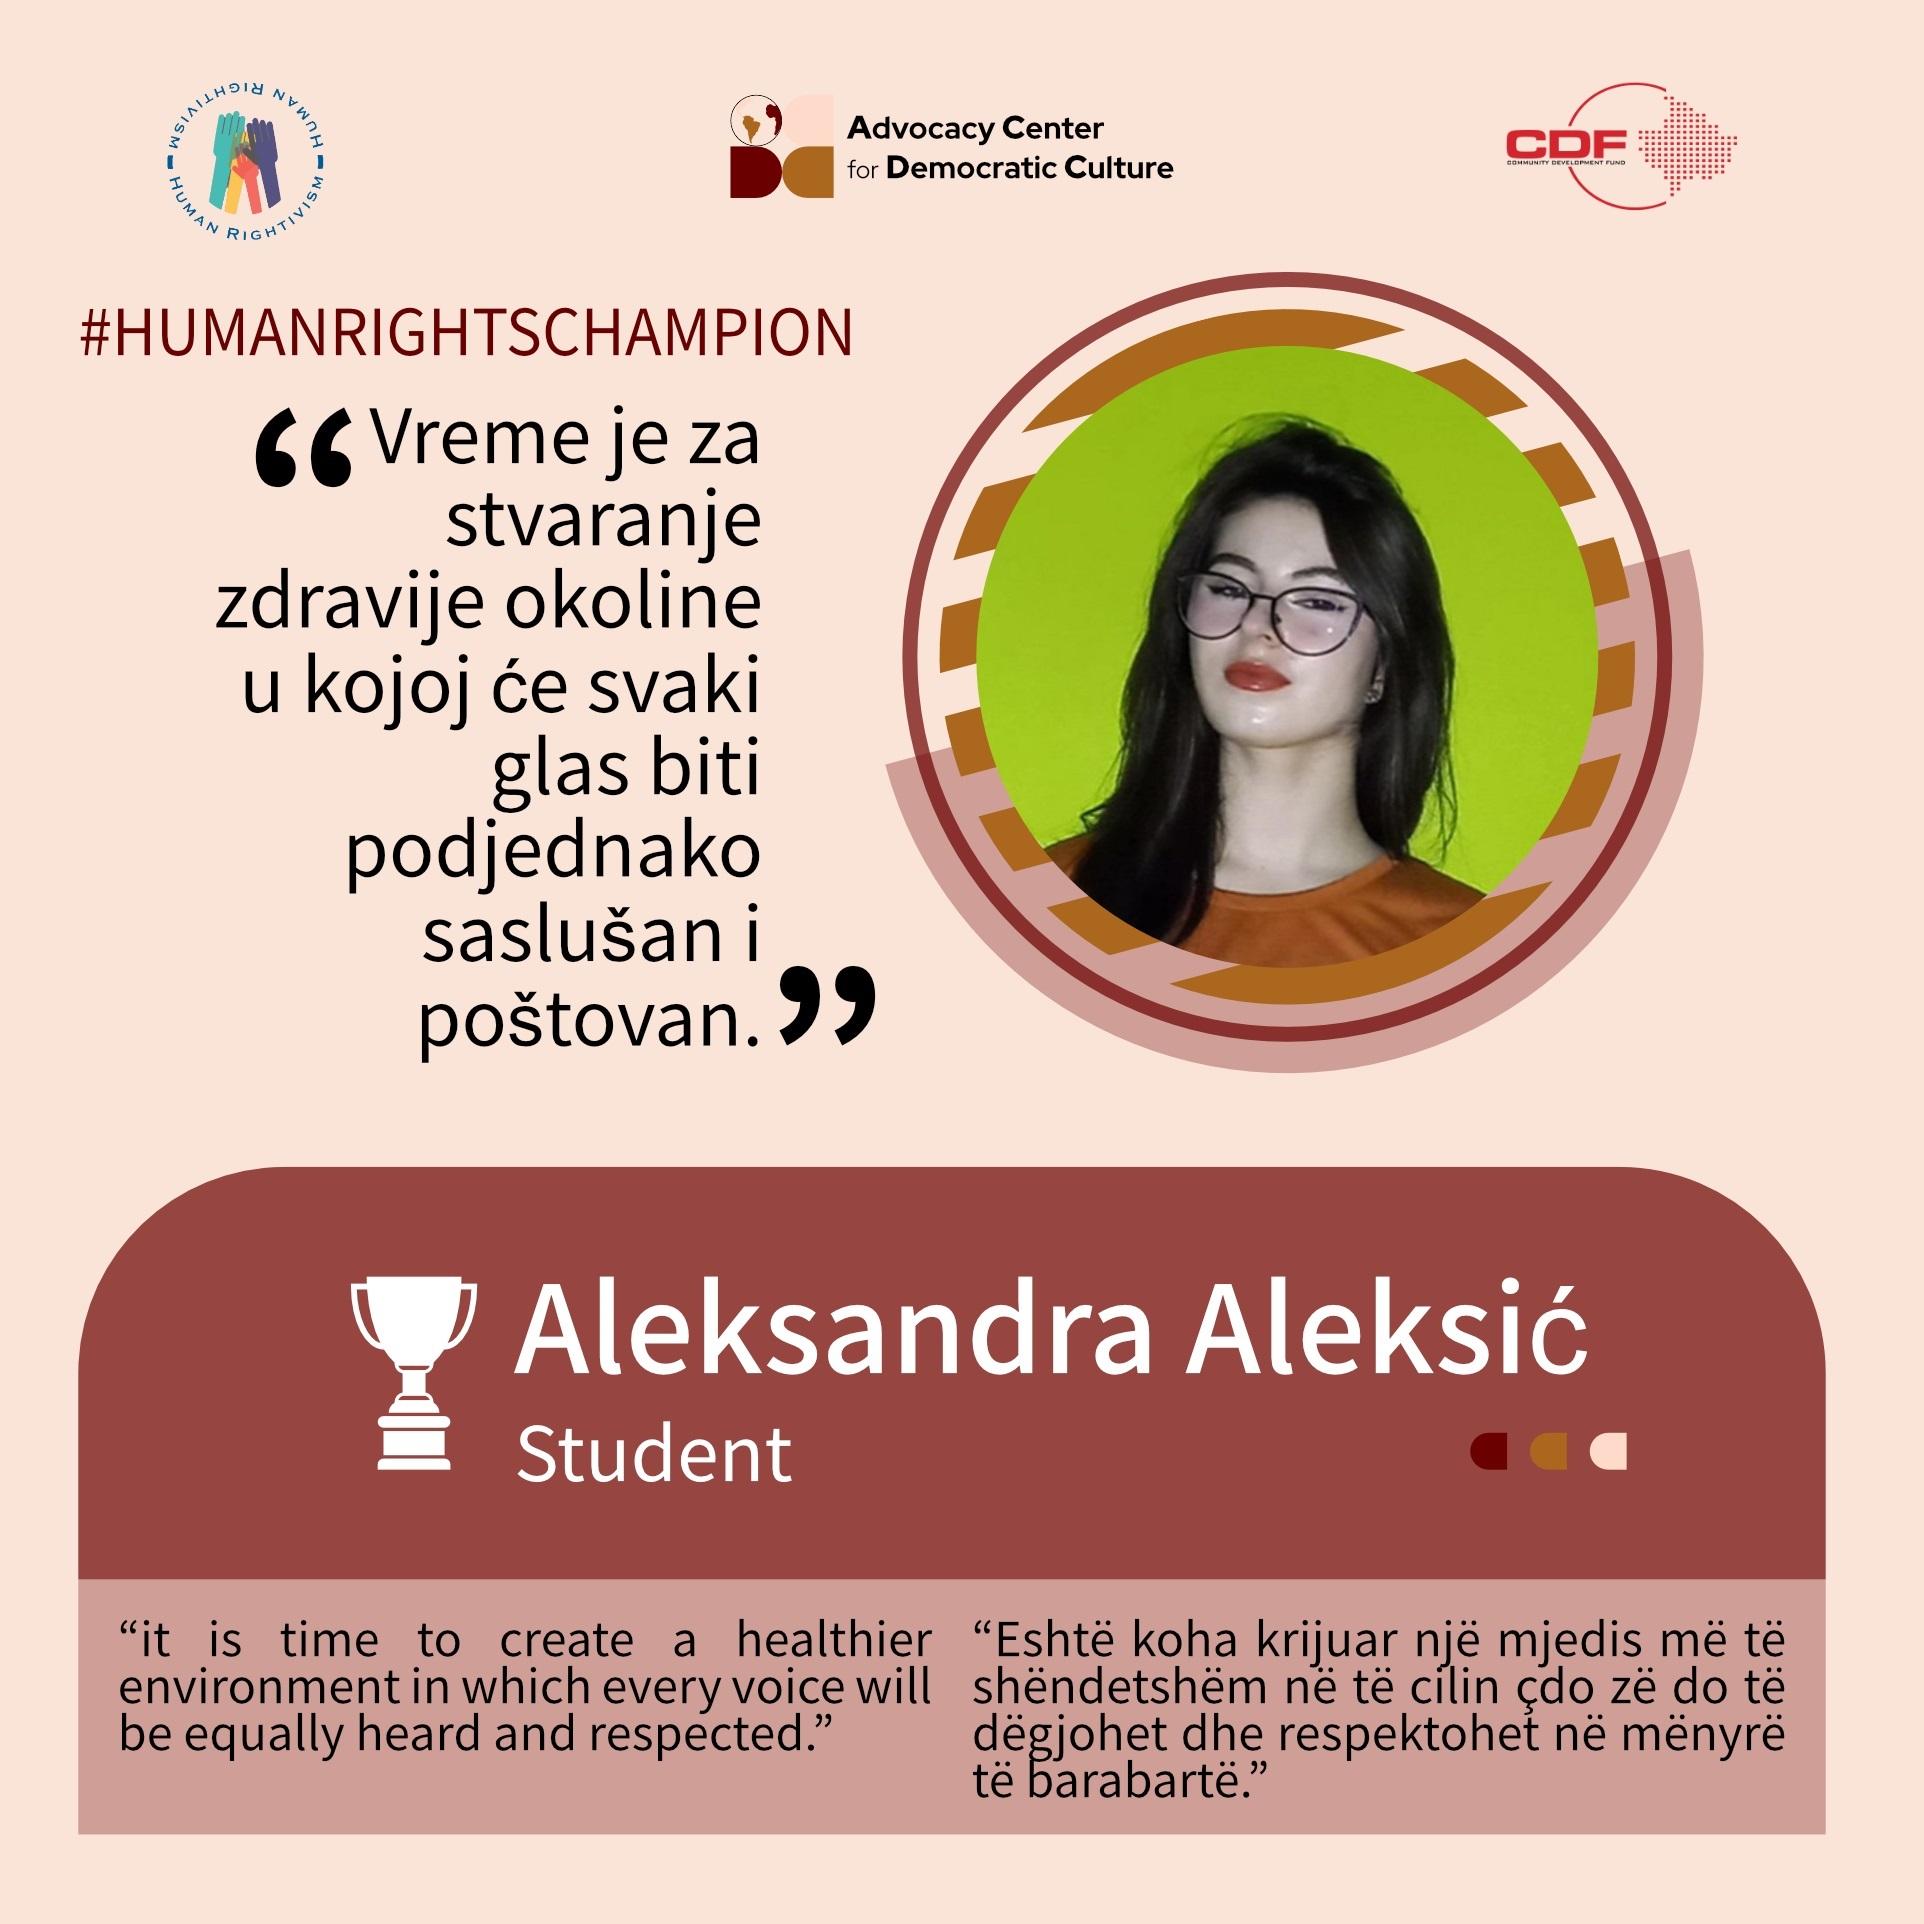 kampanja-promocije-ljudskih-prava-humanrightschampion-aleksandra-aleksic